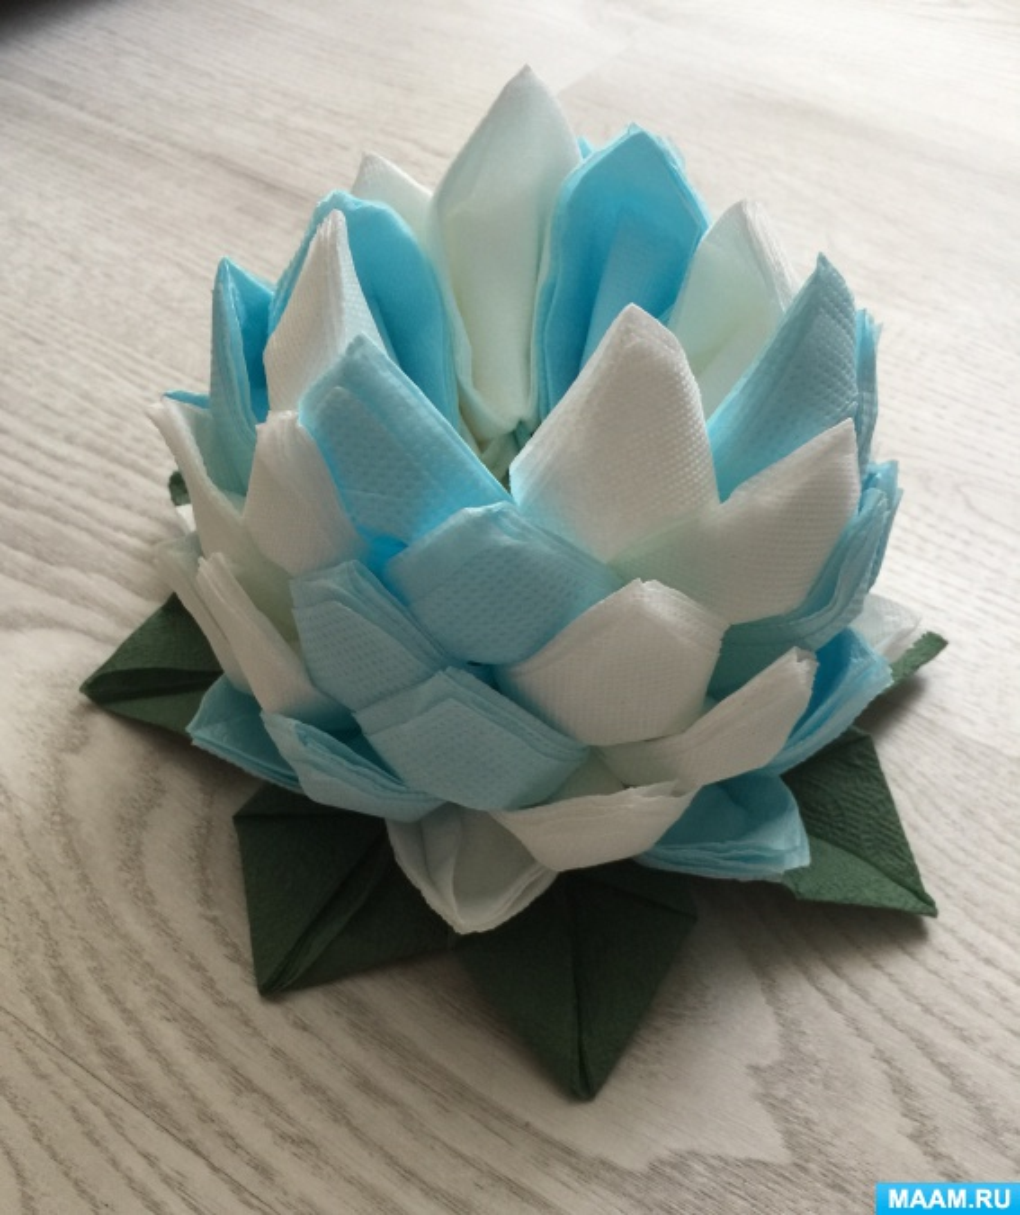 Мастер-класс по модульному оригами из салфеток «Кувшинка»